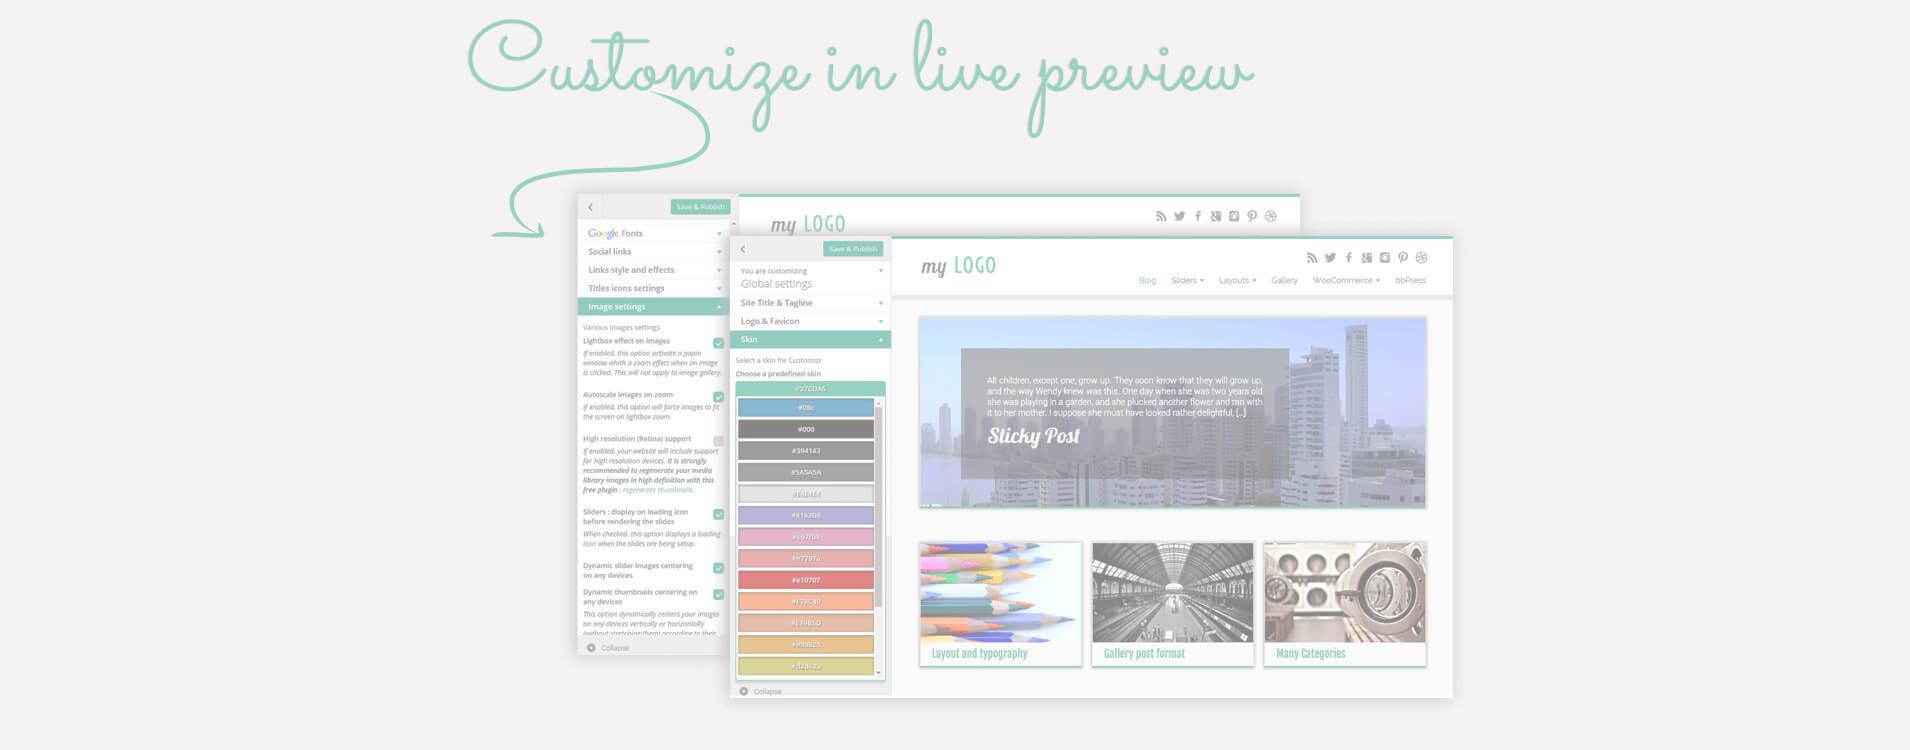 Moltes de les opcions de disposició i disseny estan disponibles a la pantalla de personalització de Wordpress: vegeu els vostres canvis en viu!